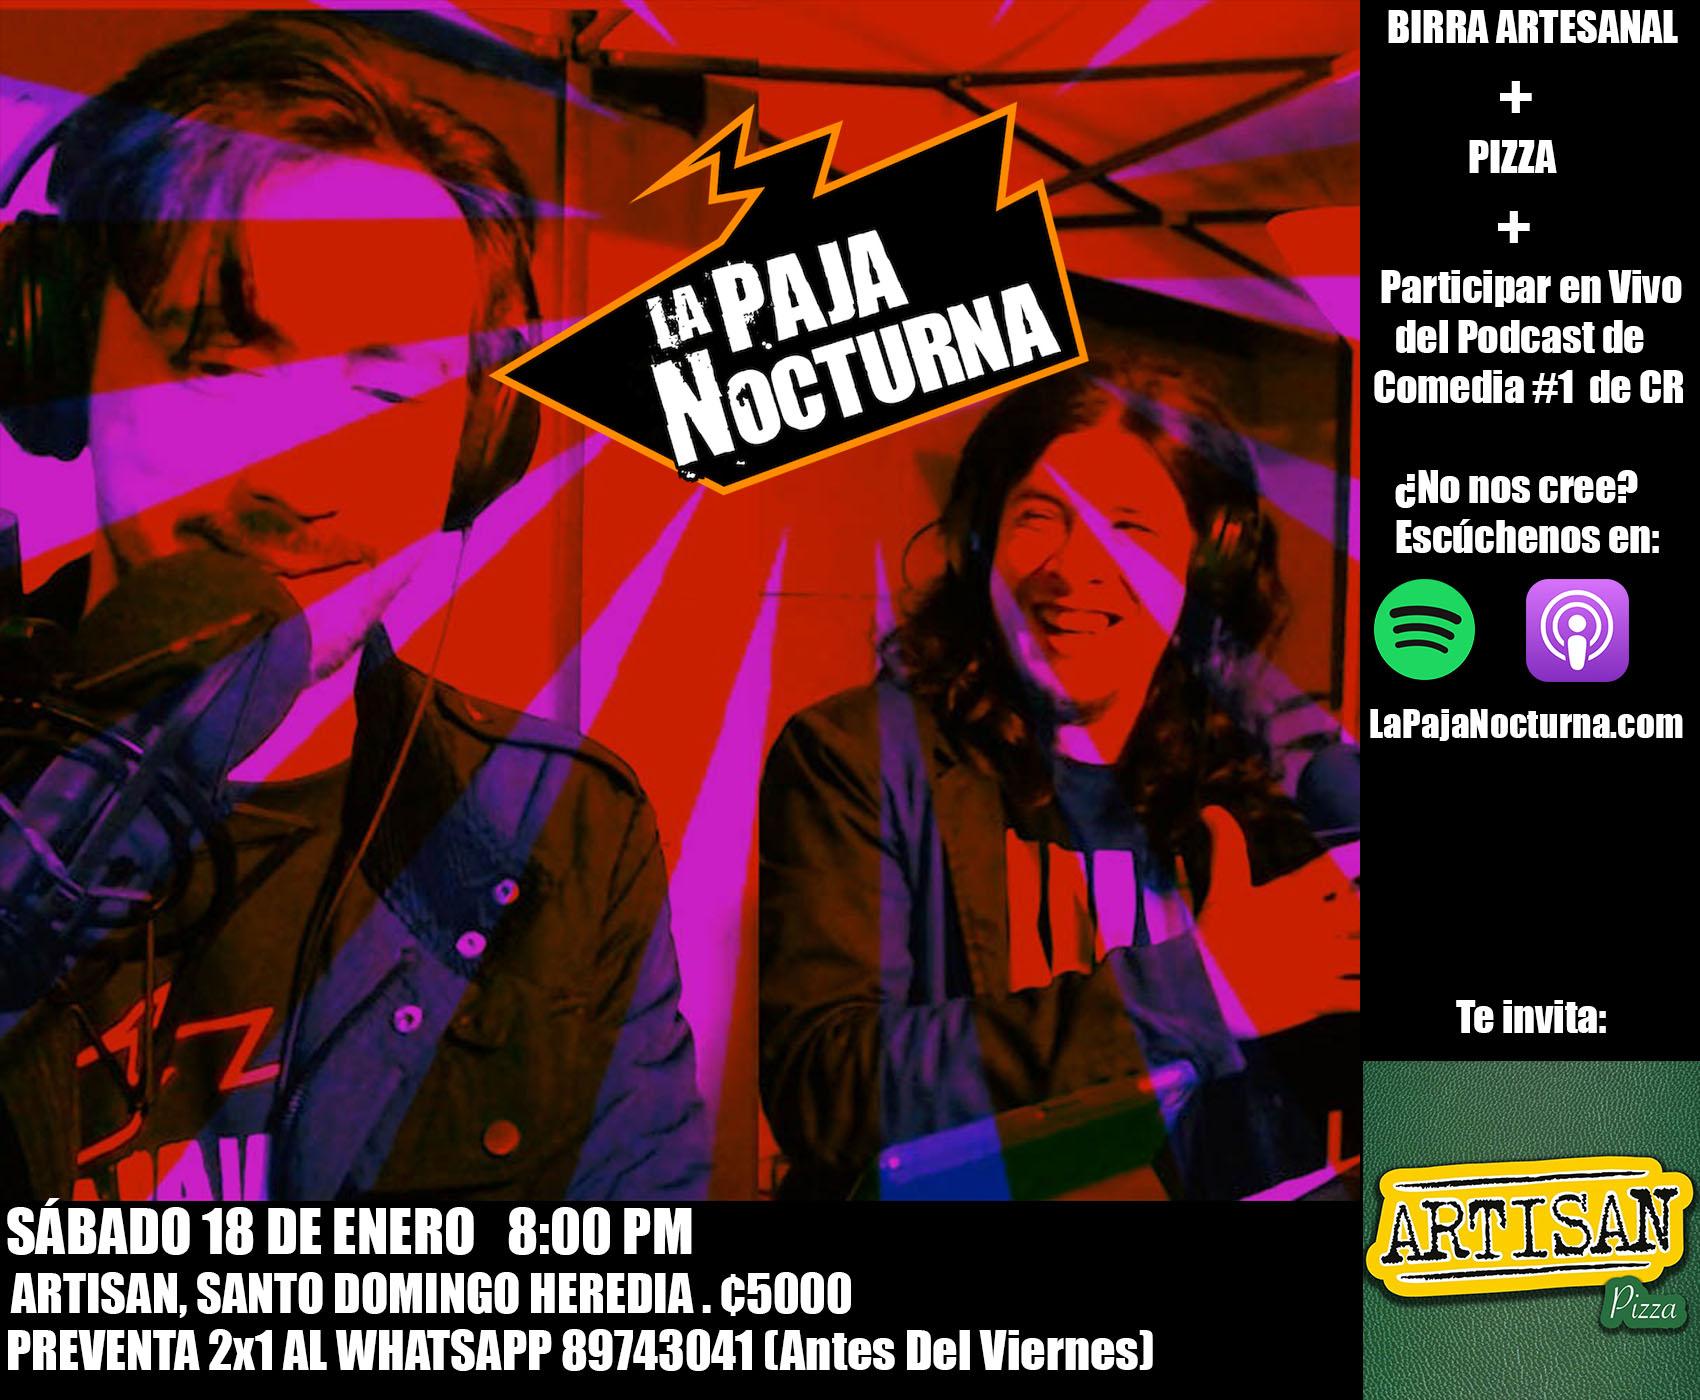 La Paja NocturnaPodcast En Vivo 18 Enero Artisan